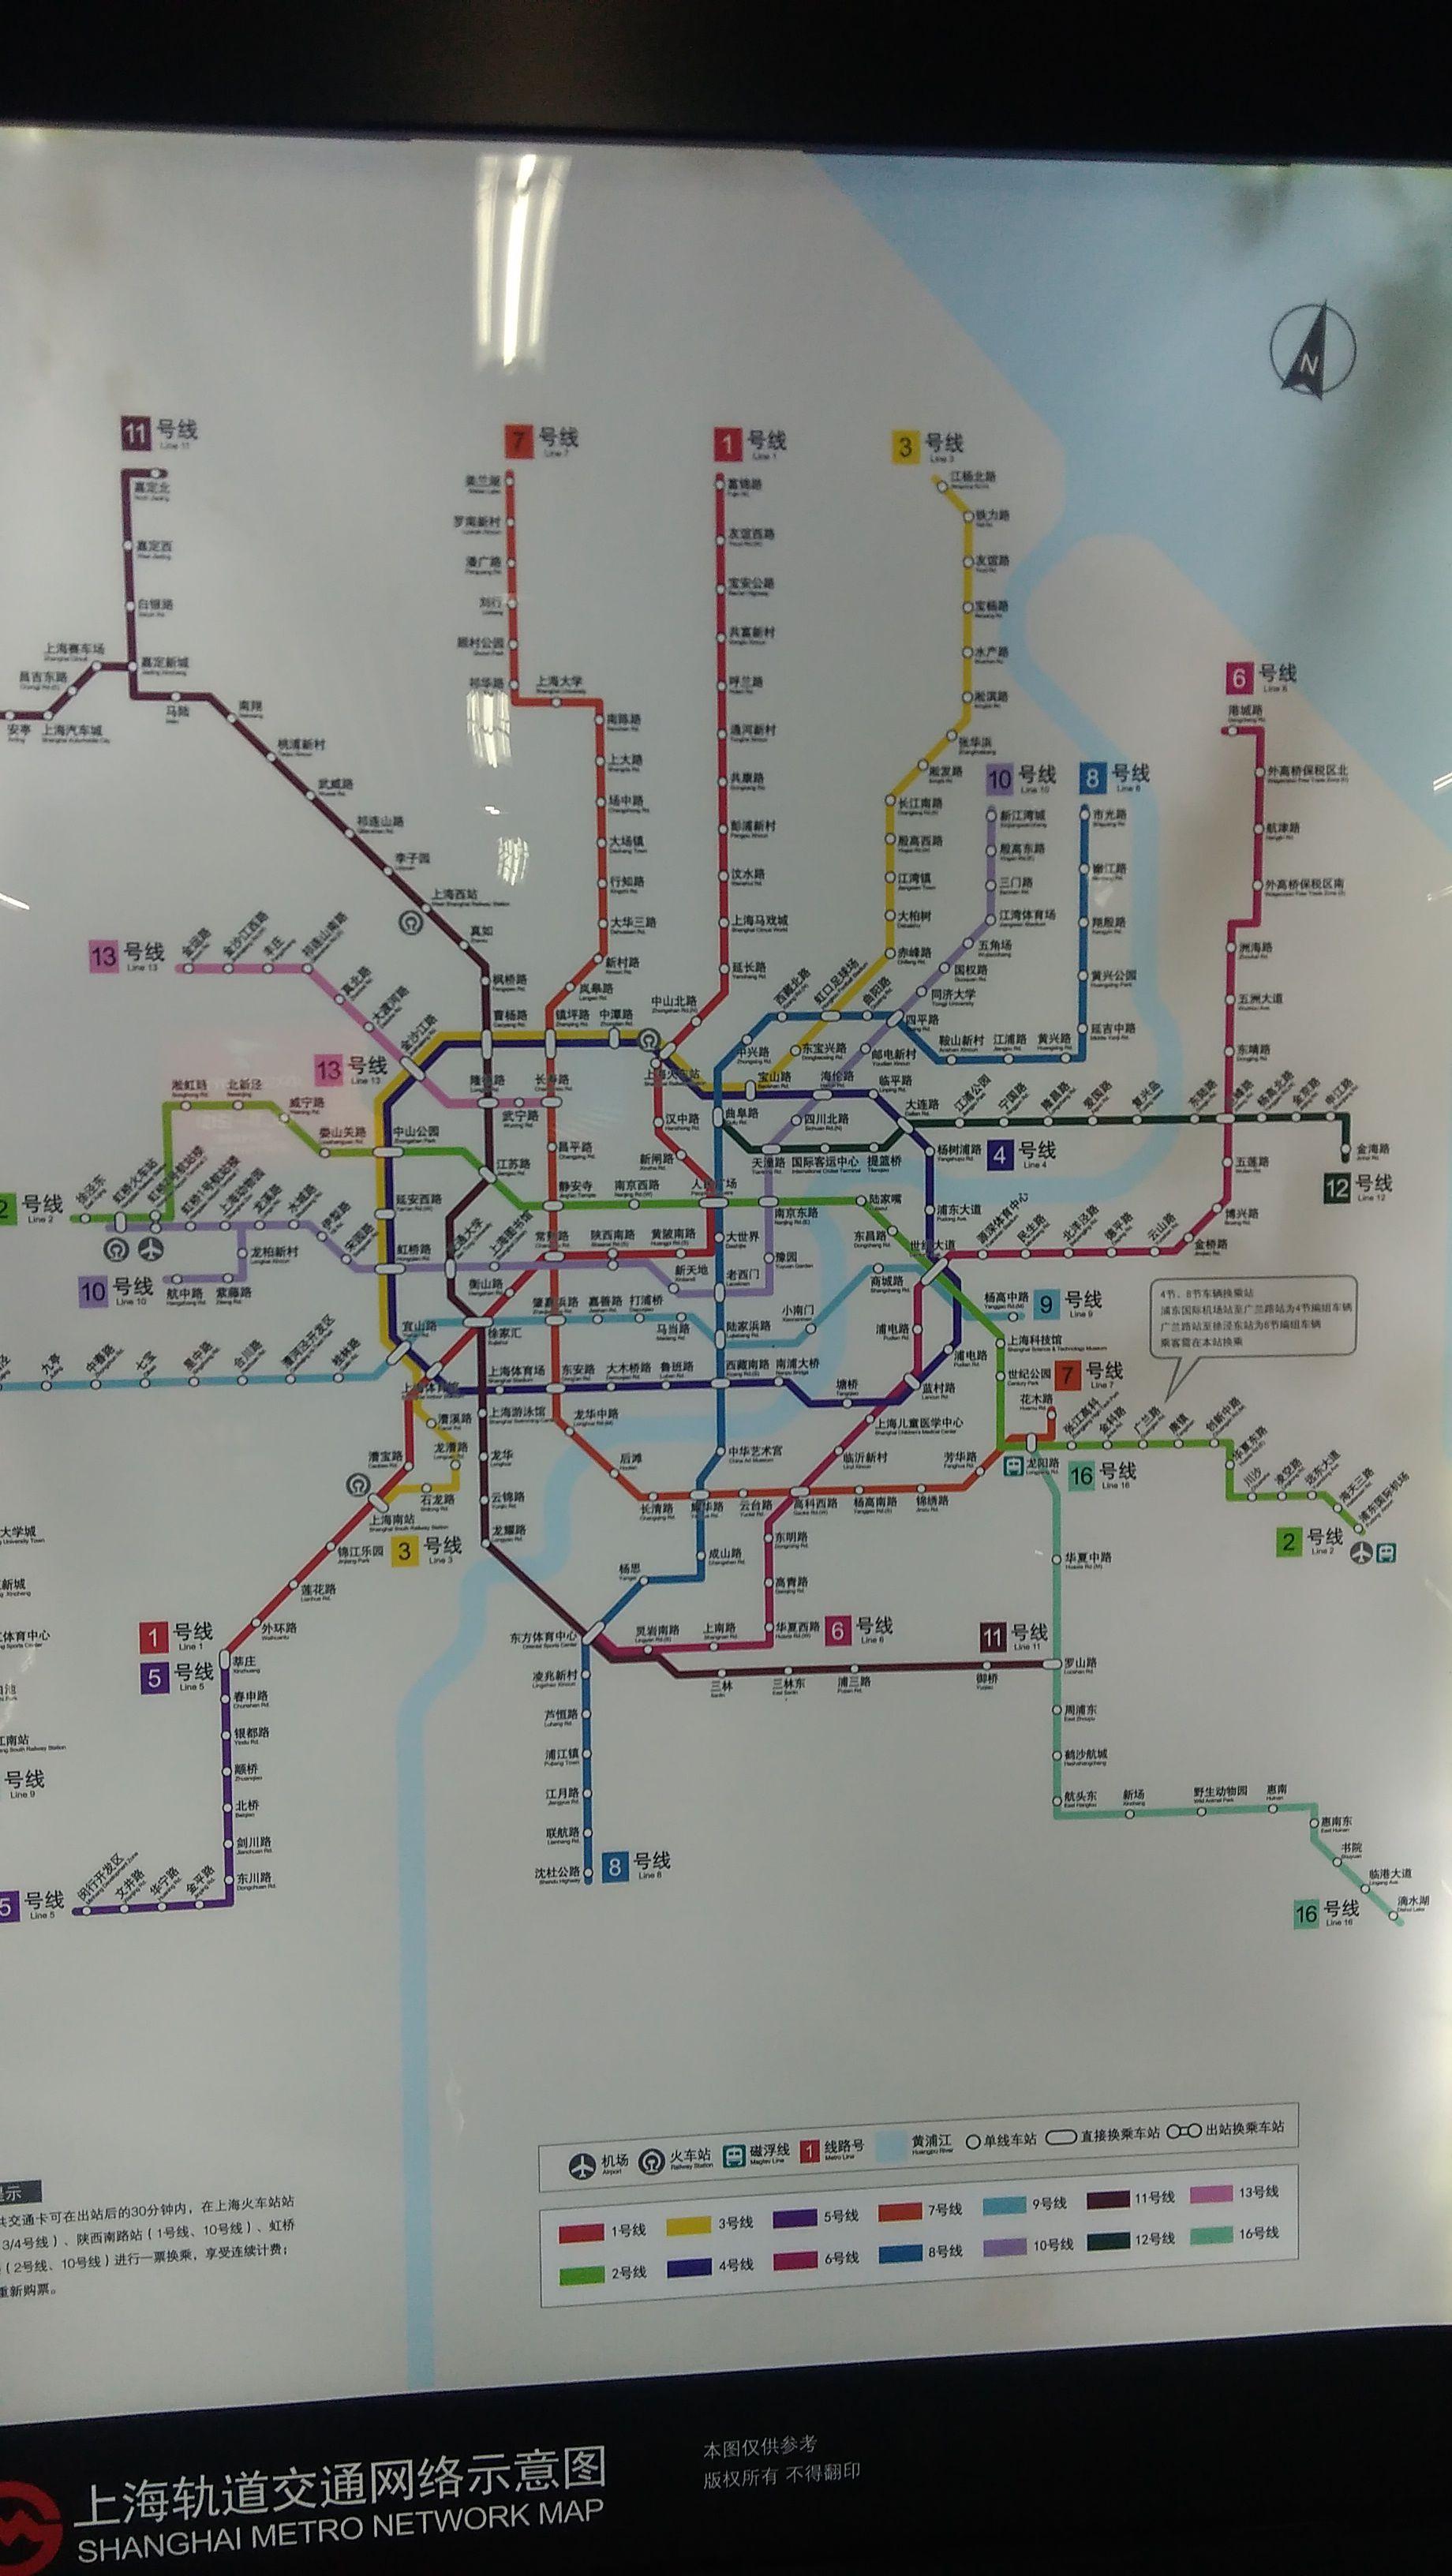 2015上海地铁路线图是这张吗高清图片